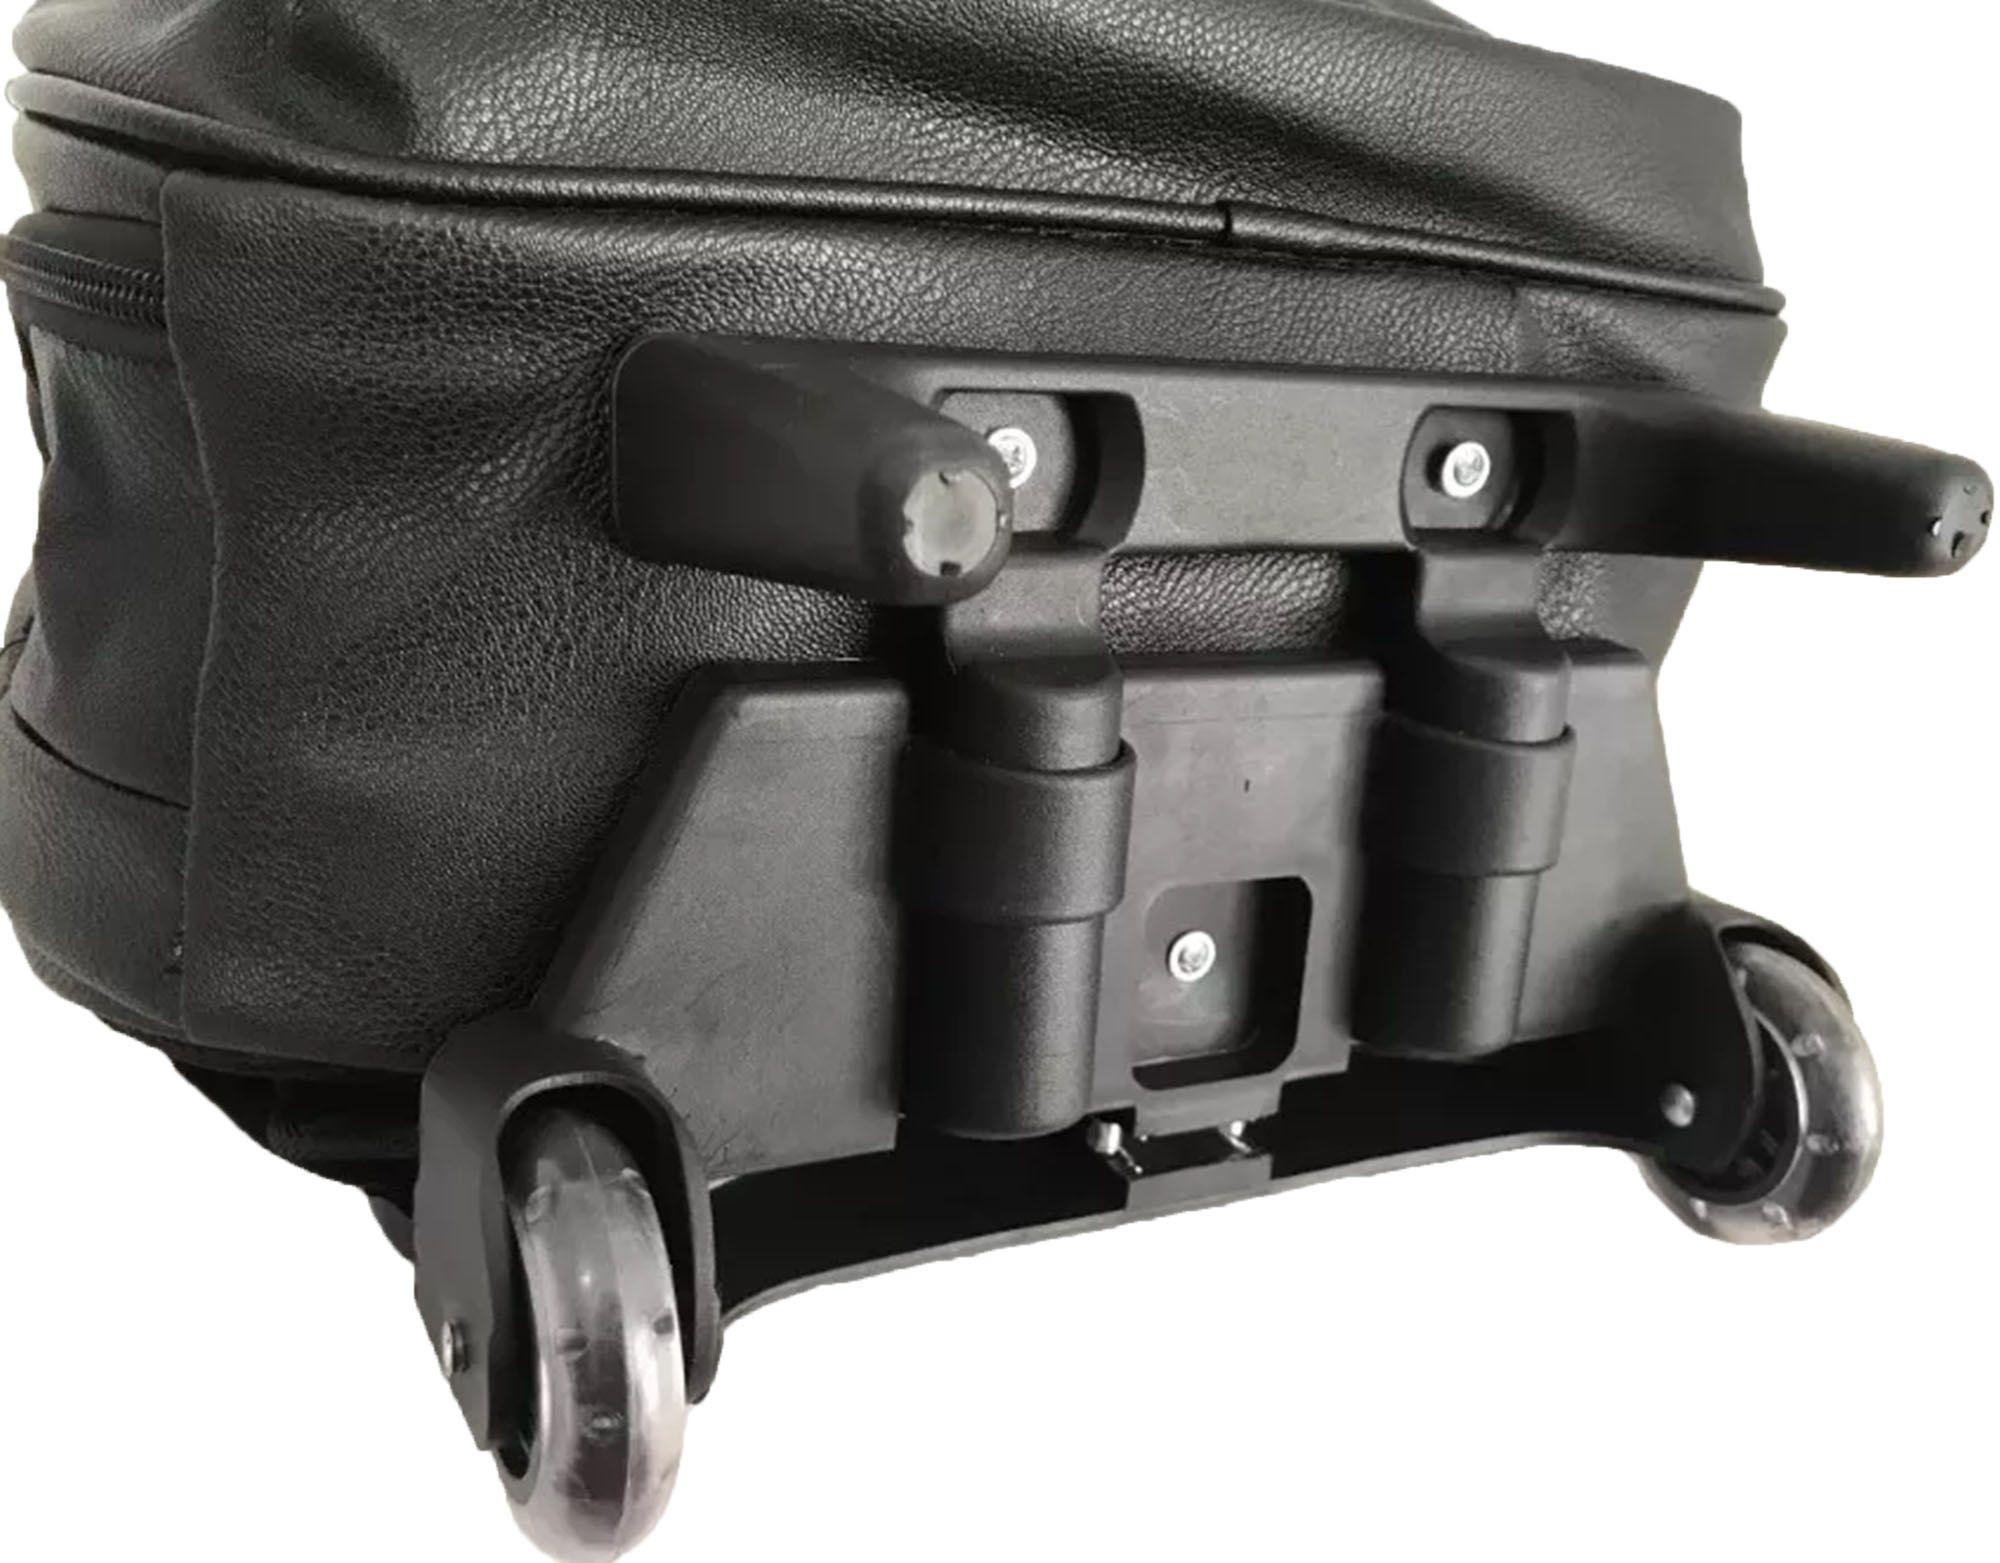 Mochila De Rodinha Unissex 28 litros com Puxador Reforçado